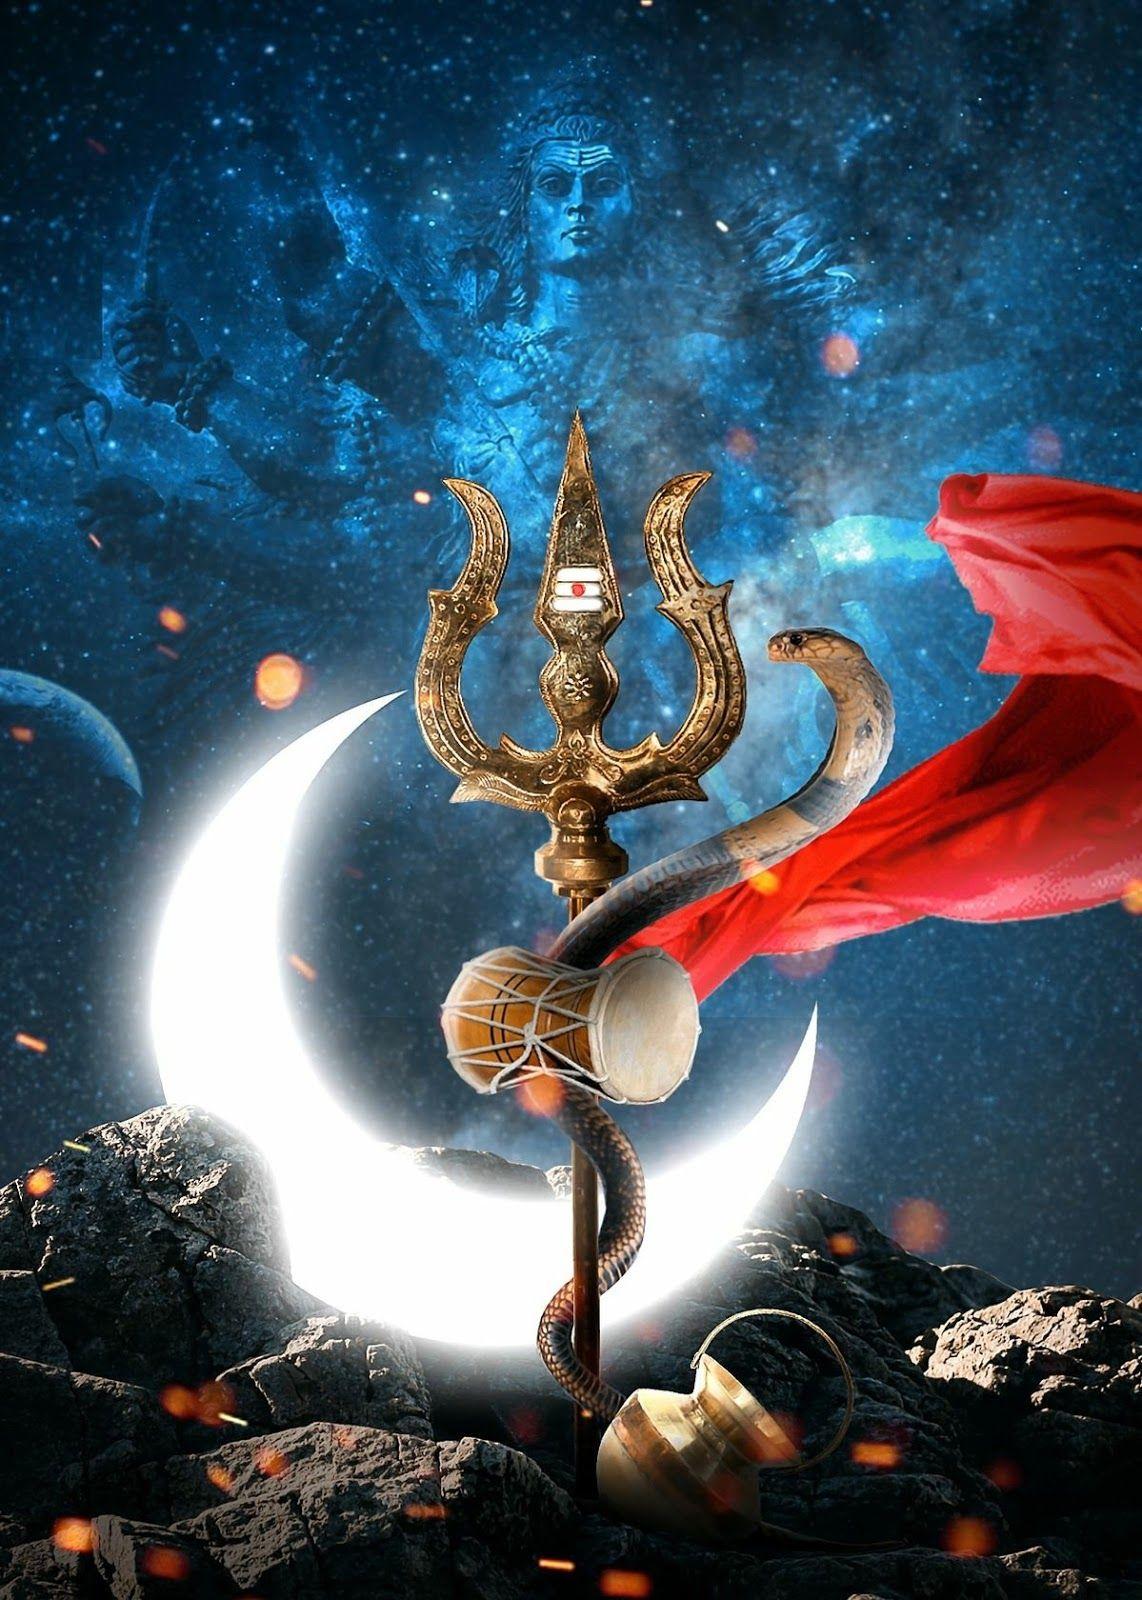 3d Shiva Wallpaper 240x320 3d Animated Best God Shiva Angry Lord Shiva Shiva